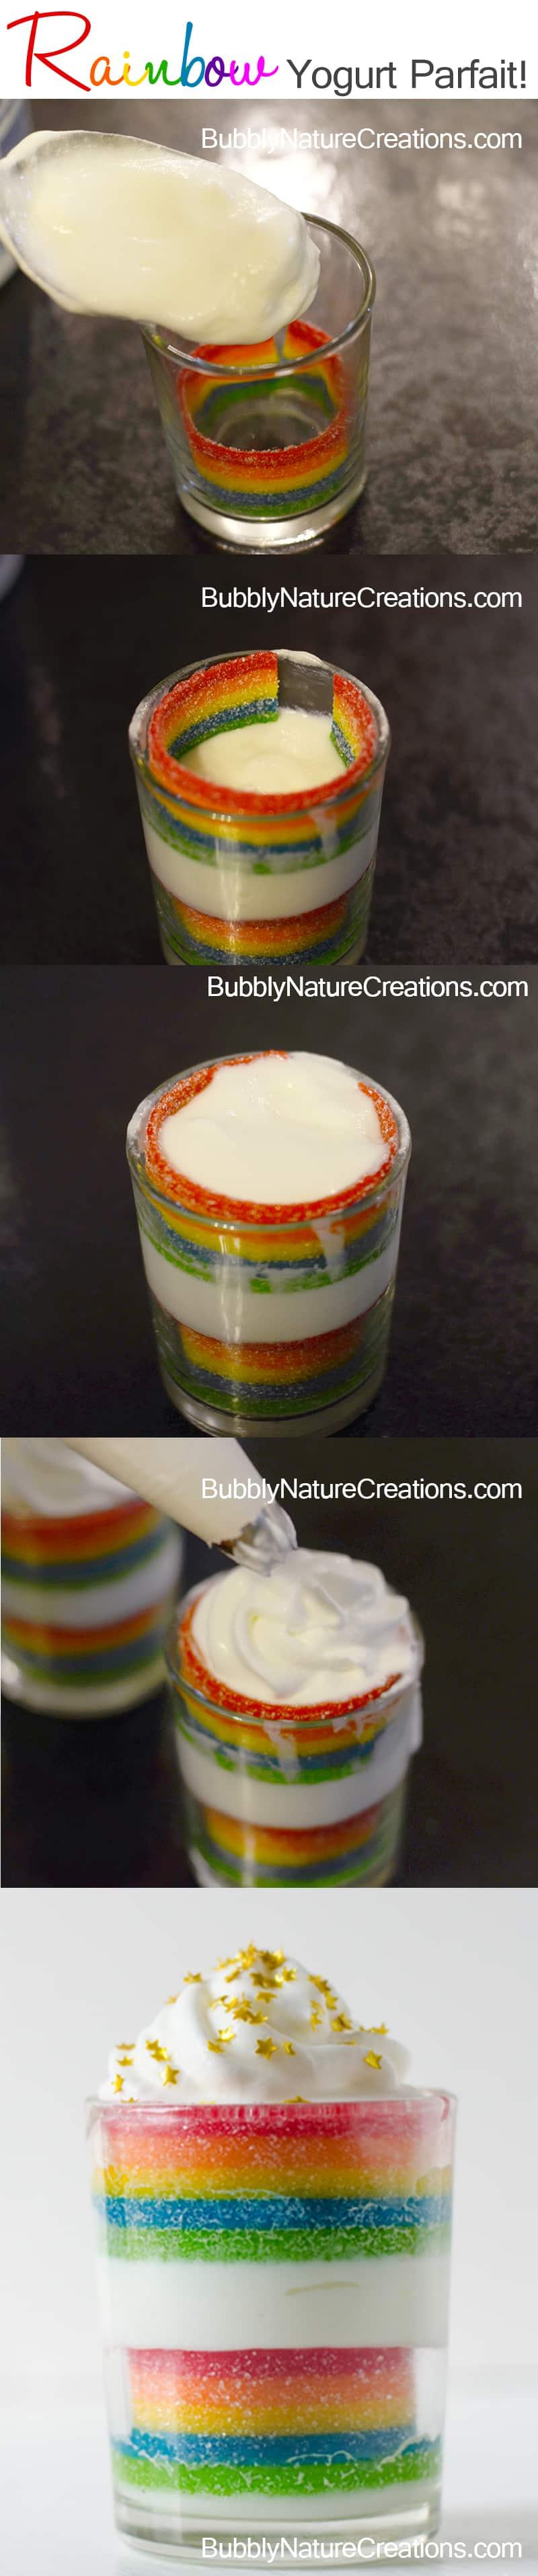 Rainbow Yogurt Parfait!